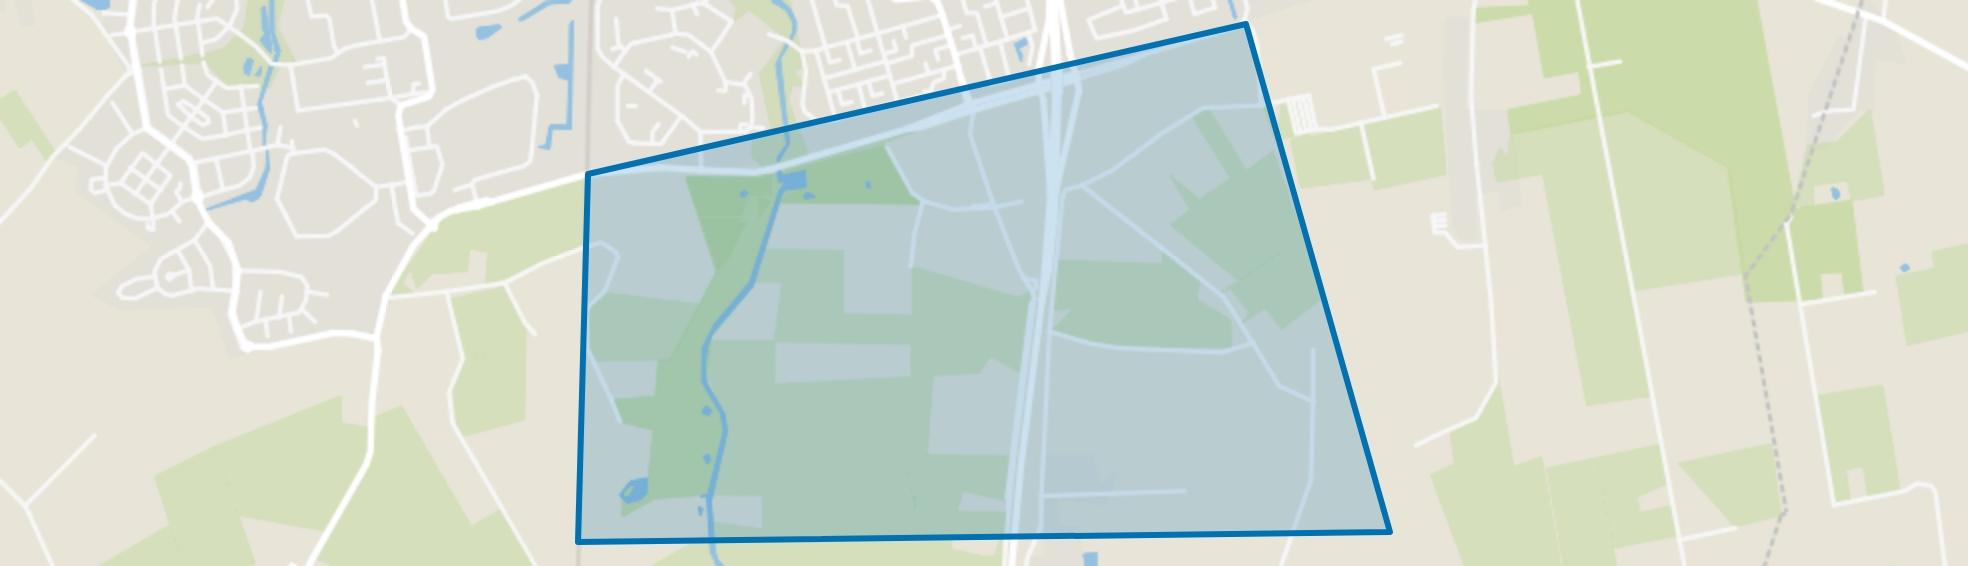 Borteldonk, Roosendaal map